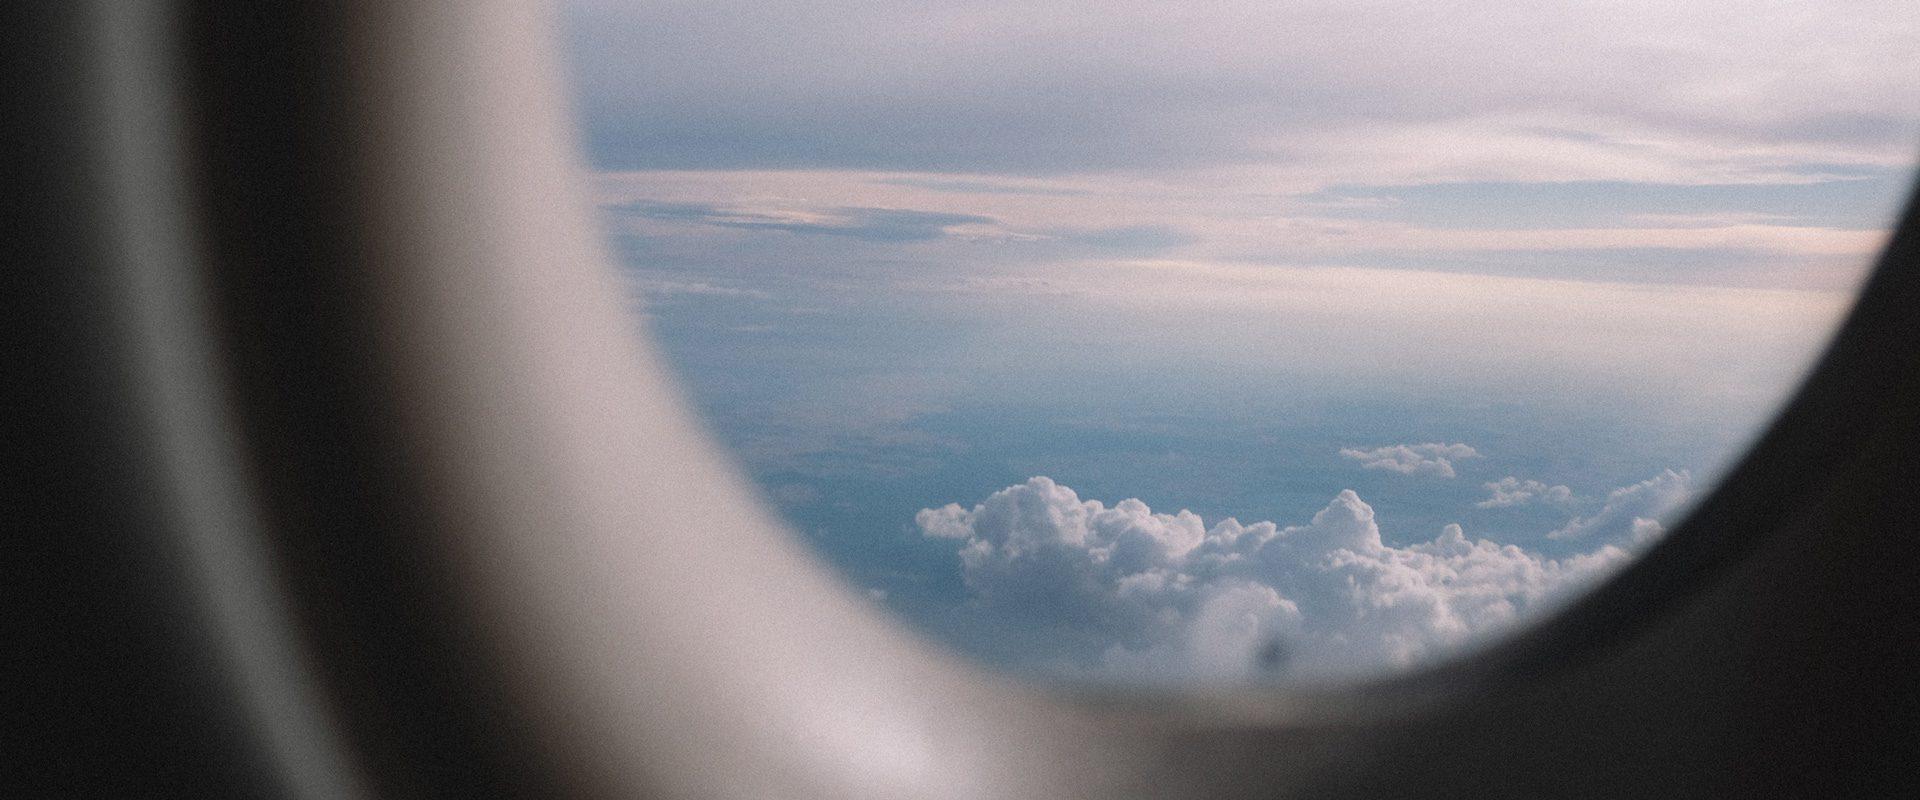 Minéral 89 de Vichy: Una historia de altos vuelos